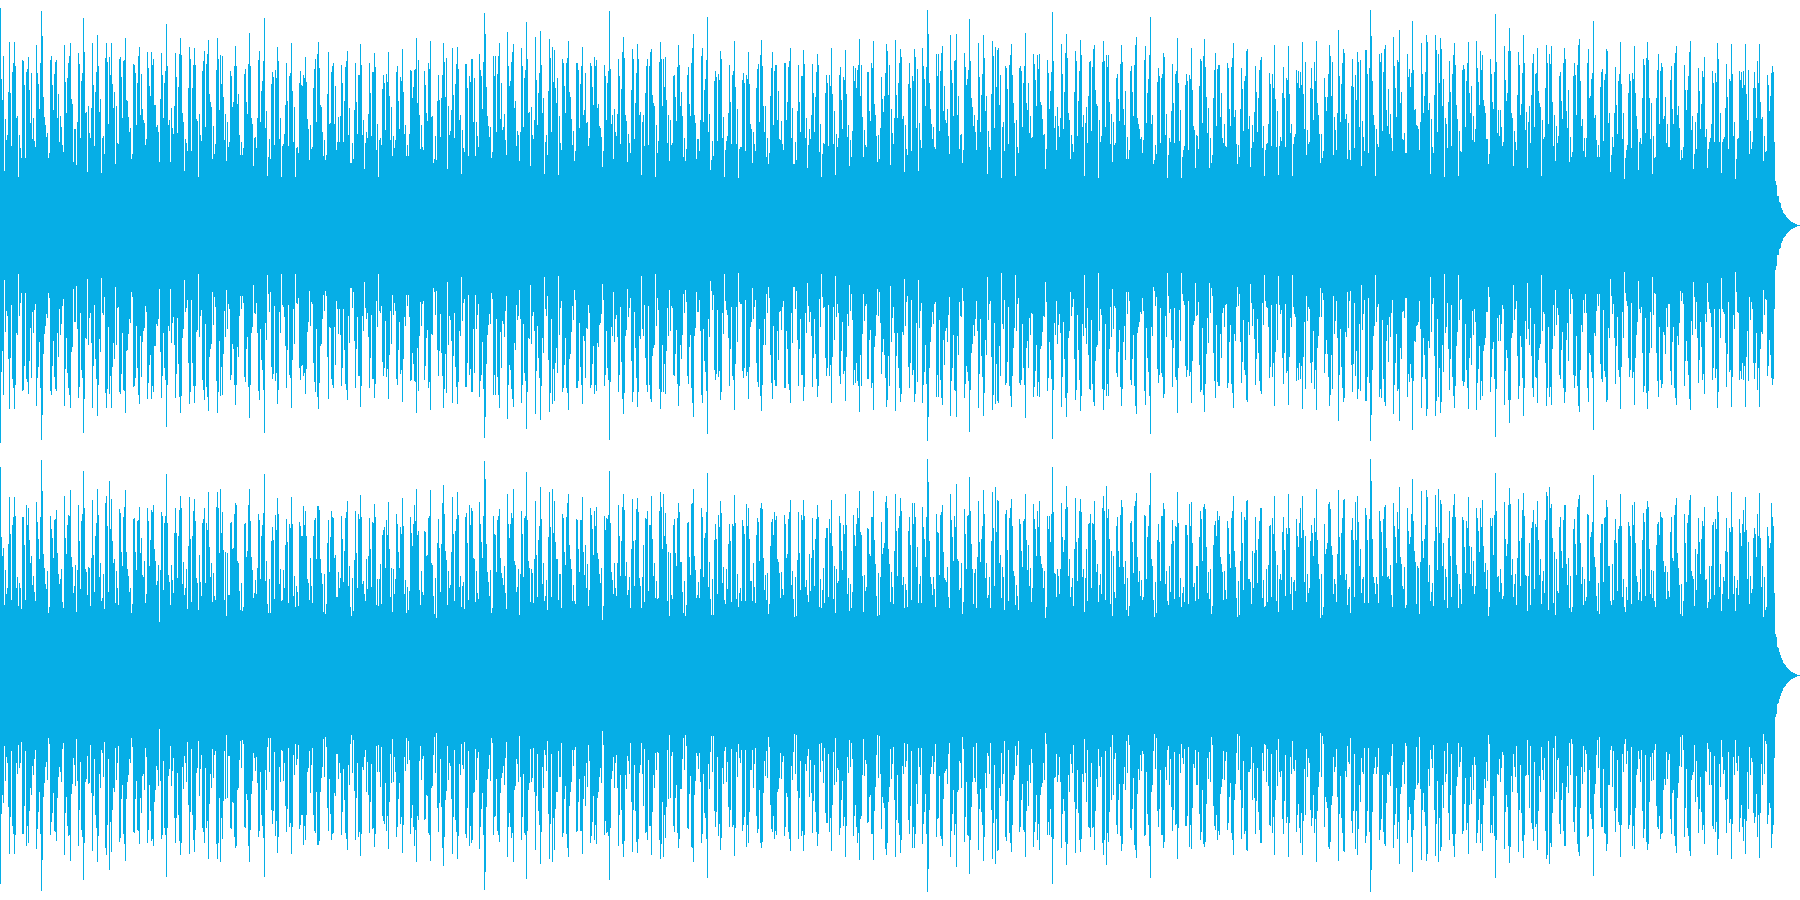 温かい・優しい・ヒップホップ・日常の再生済みの波形